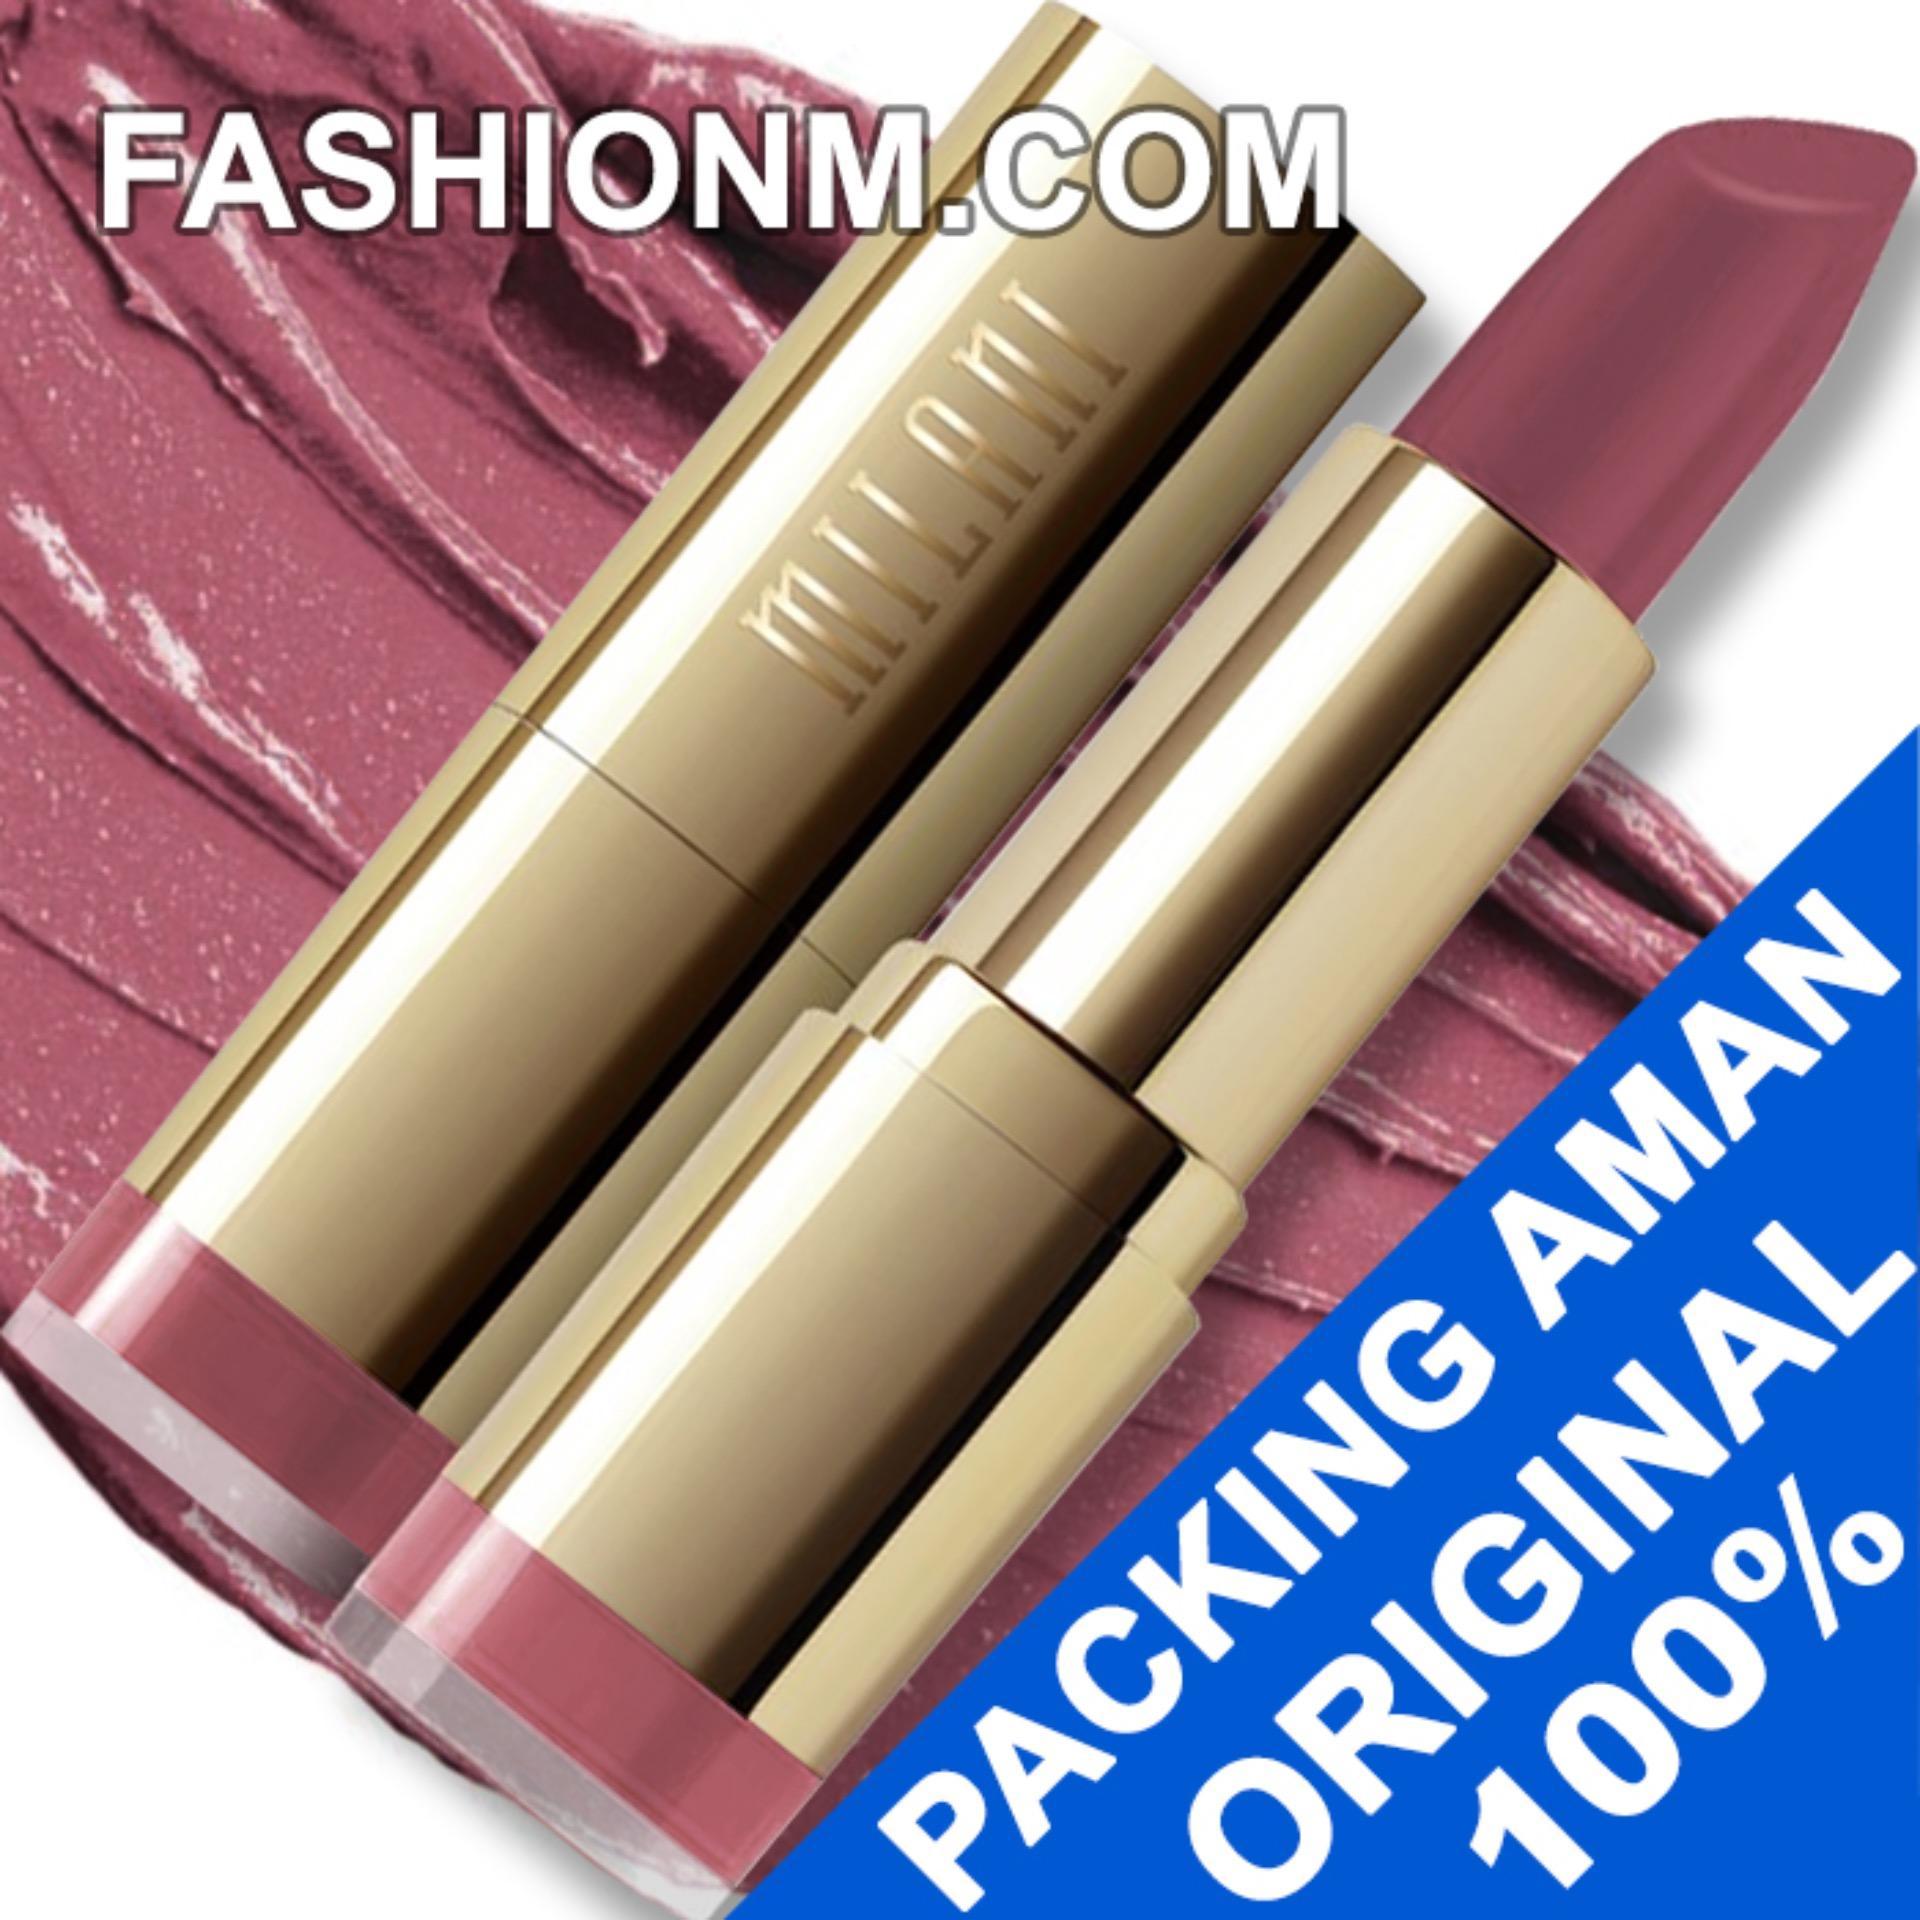 Milani Color Statement Lipstick - Pretty Natural 43